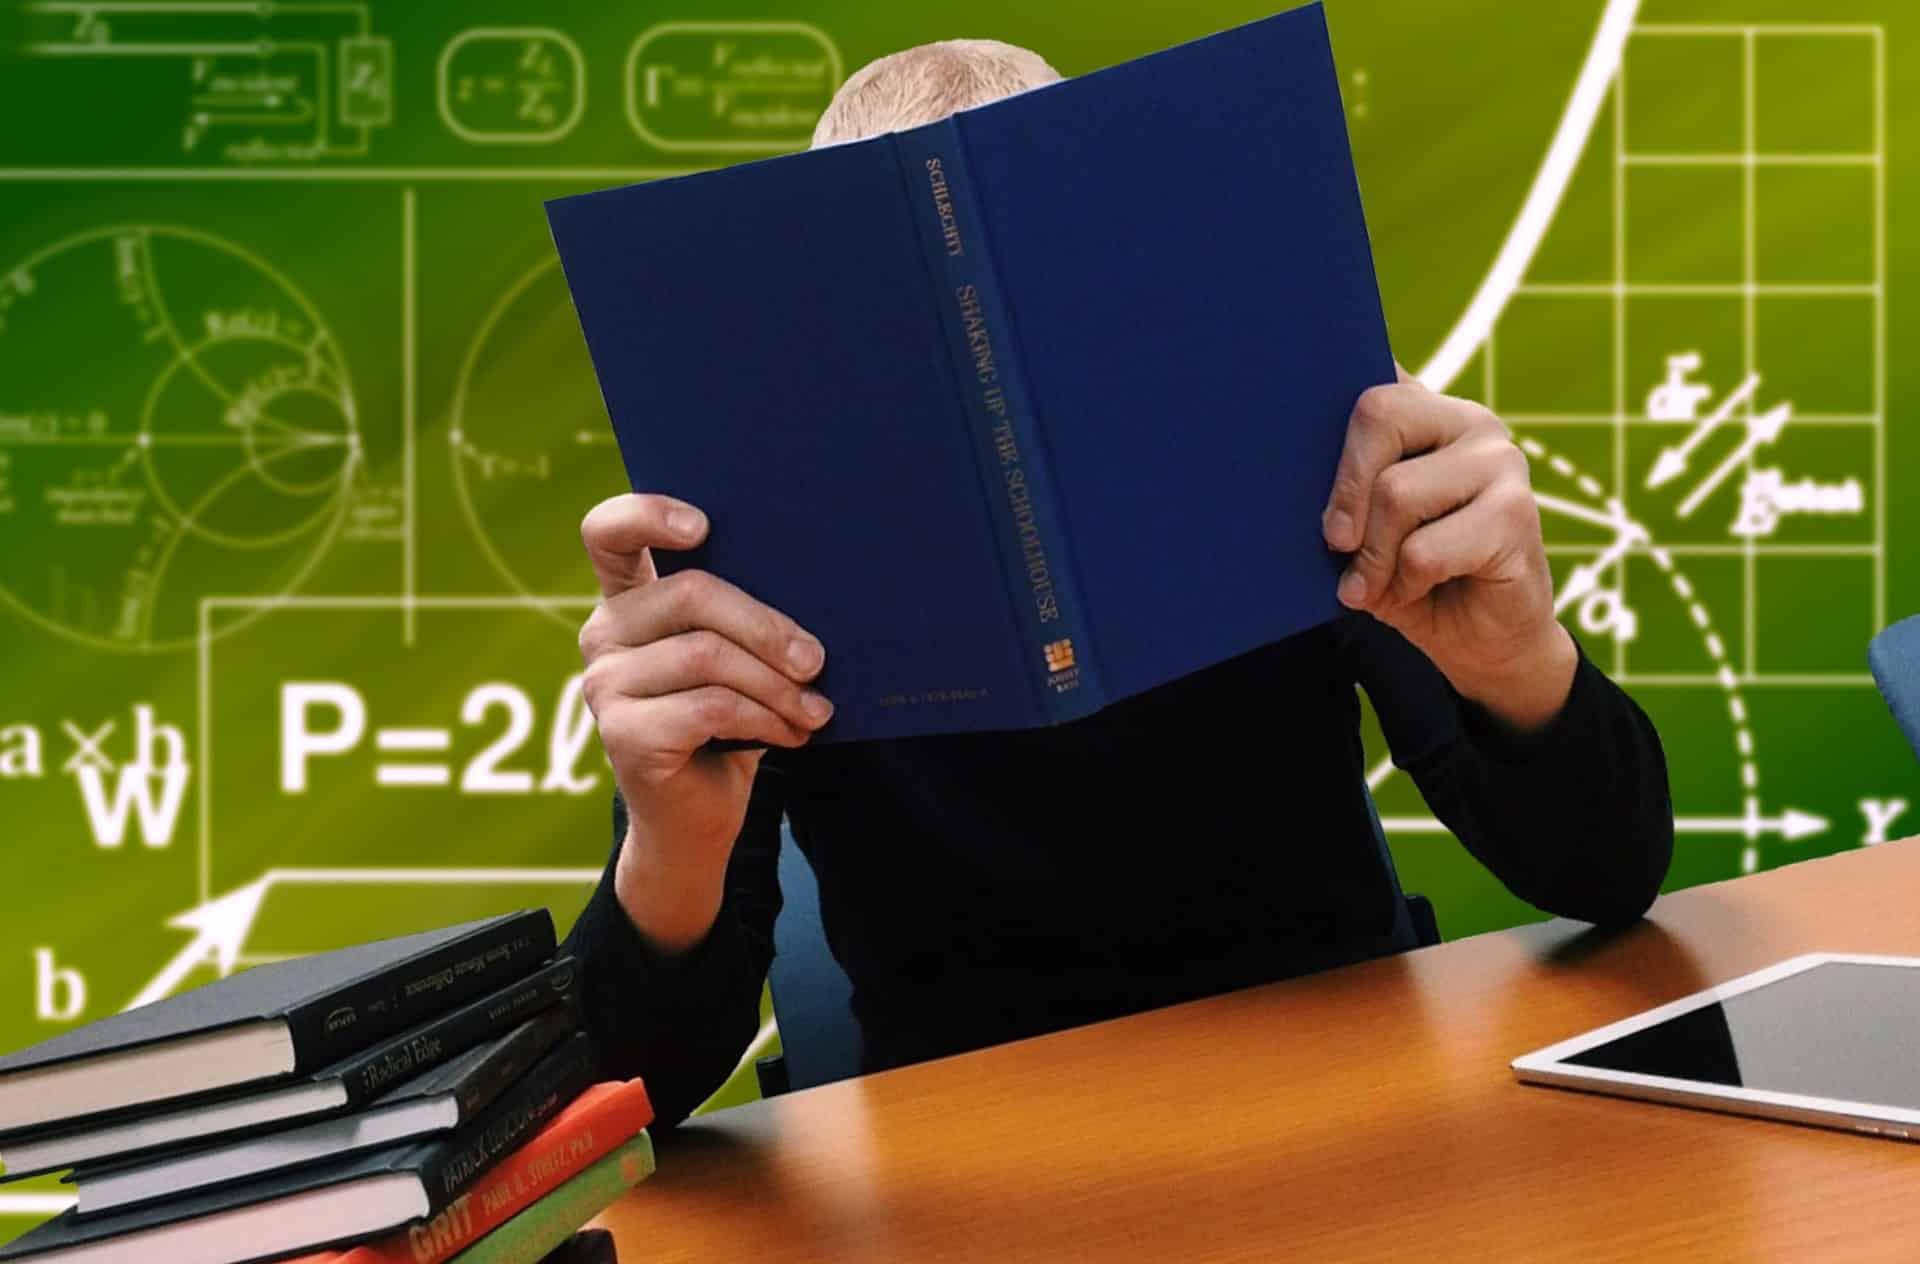 Υπουργείο Παιδείας: Δεν ανοίγουν τα πανεπιστήμια το εαρινό εξάμηνο - Τι θα γίνει με τα εργαστήρια και τις πρακτικές ασκήσεις